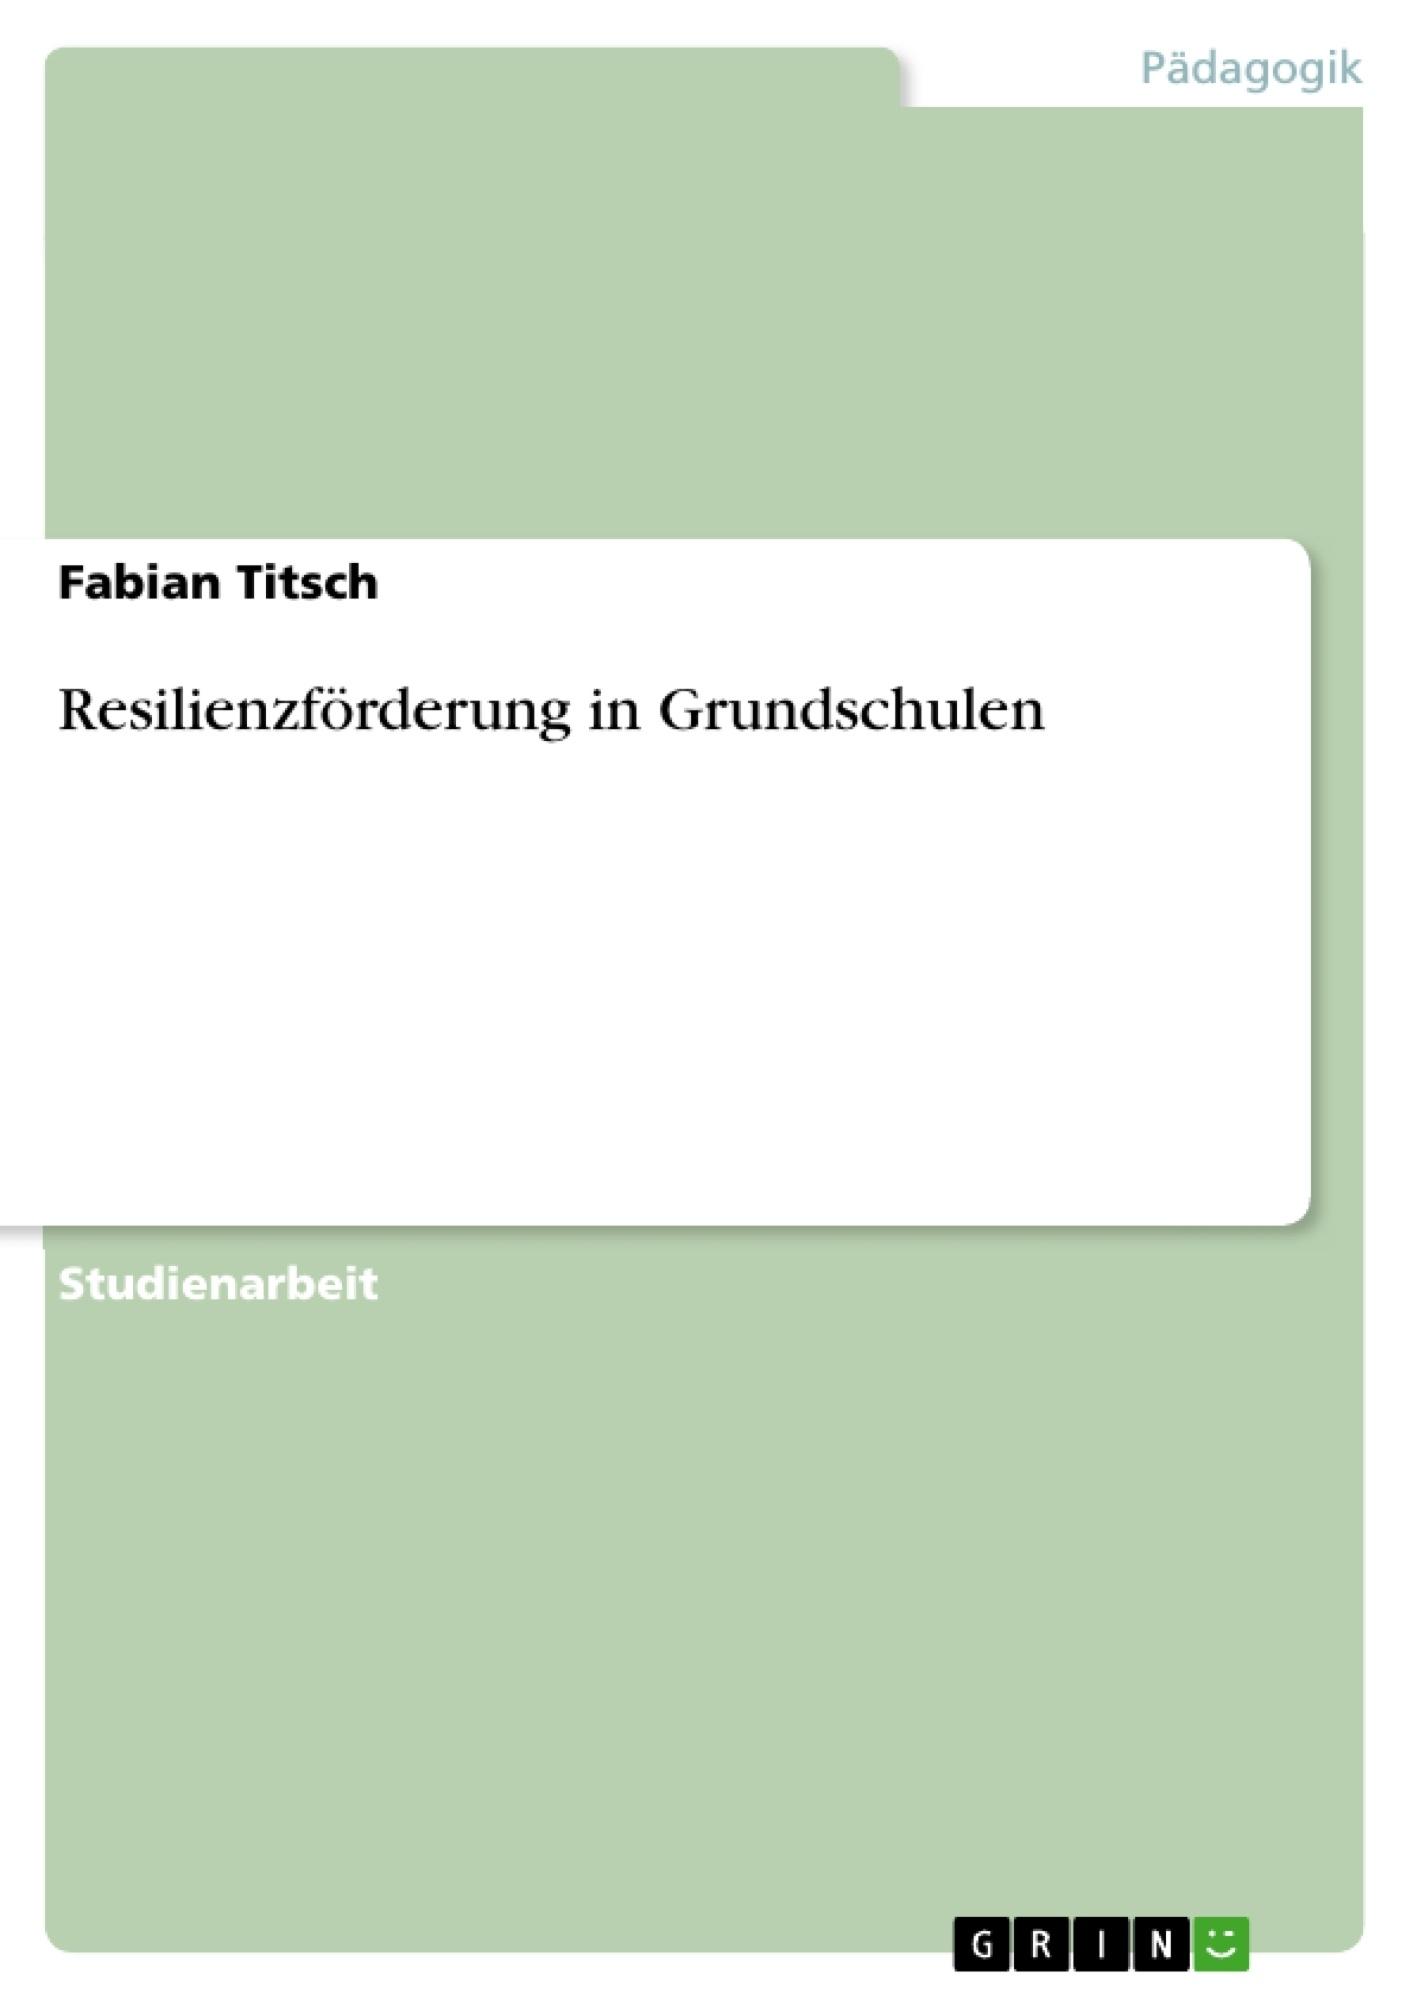 Titel: Resilienzförderung in Grundschulen